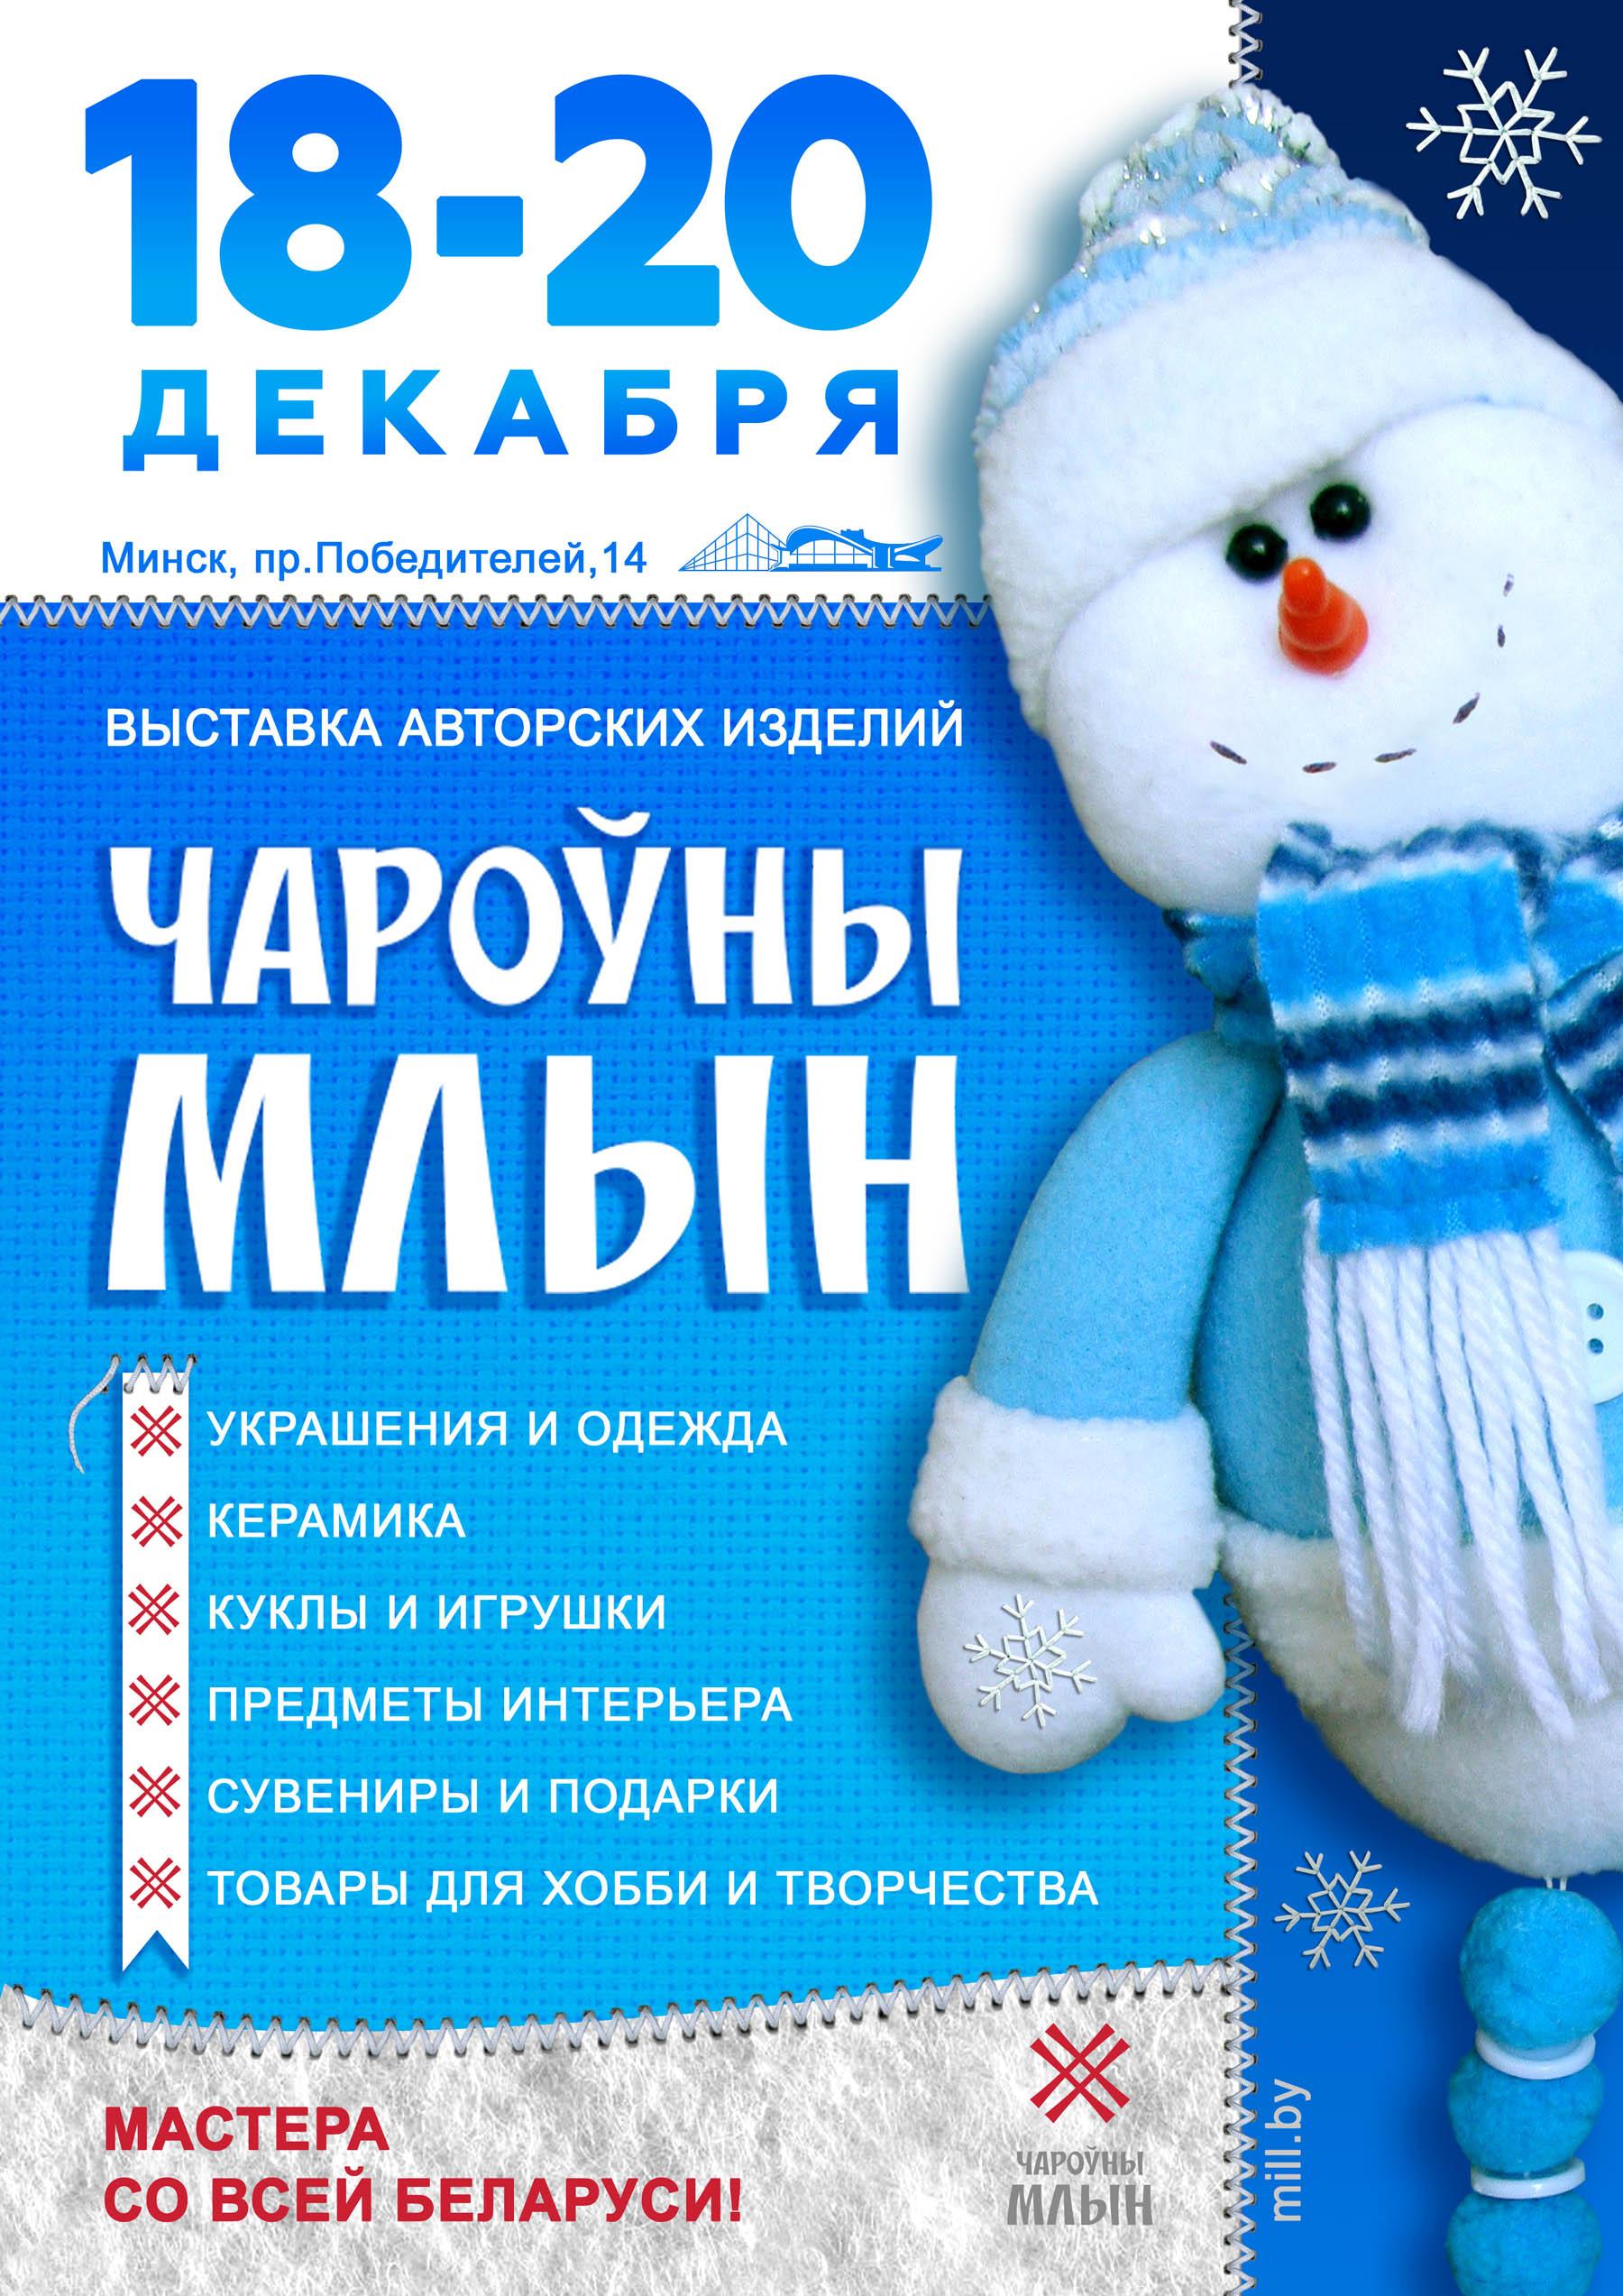 Дизайн новогодней афиши для выставки изделий ручной работы фото f_2005f8d7cf2d3553.jpg